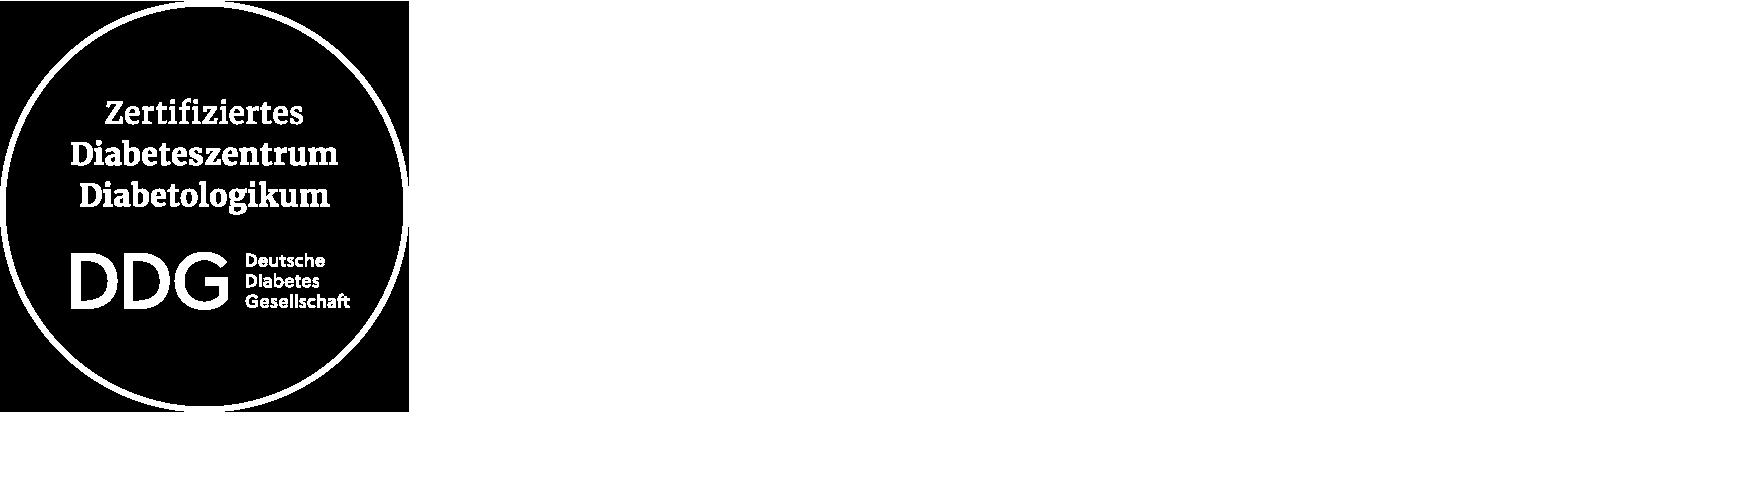 deutsche_diabetes_gesellschaft_zertifizierung_2